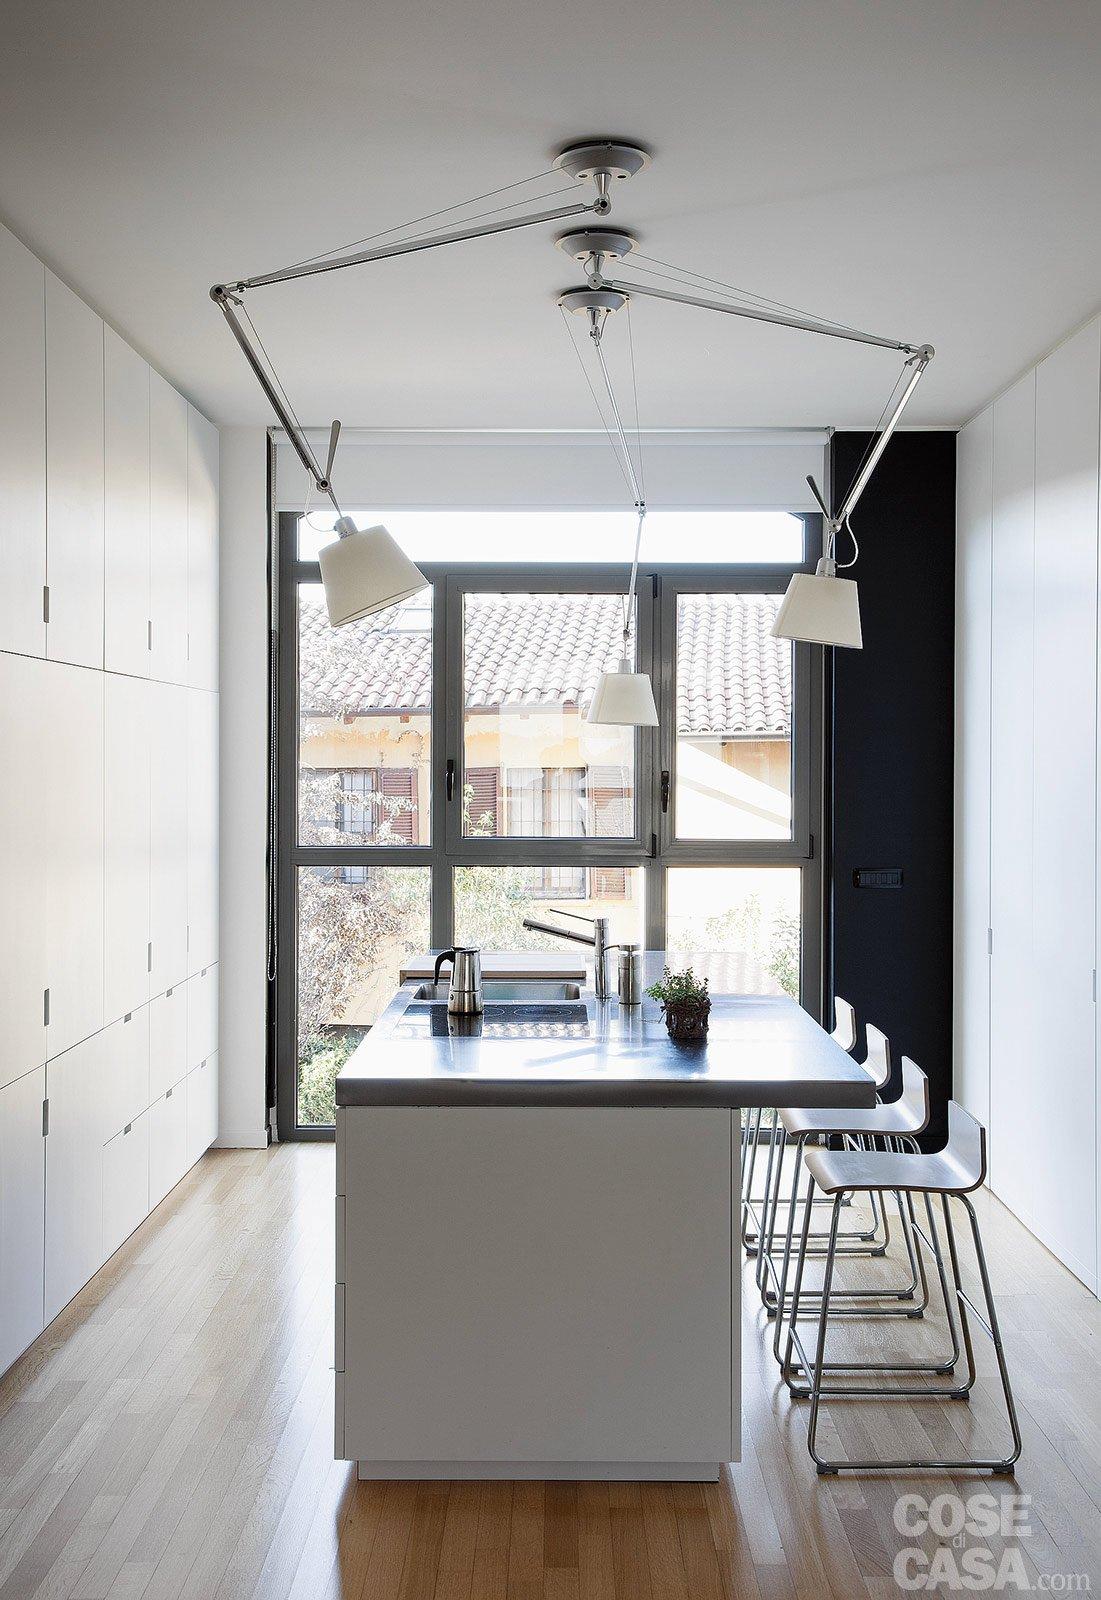 60 50 mq una casa con elementi a scomparsa cose di casa for Piani di casa con grandi cucine